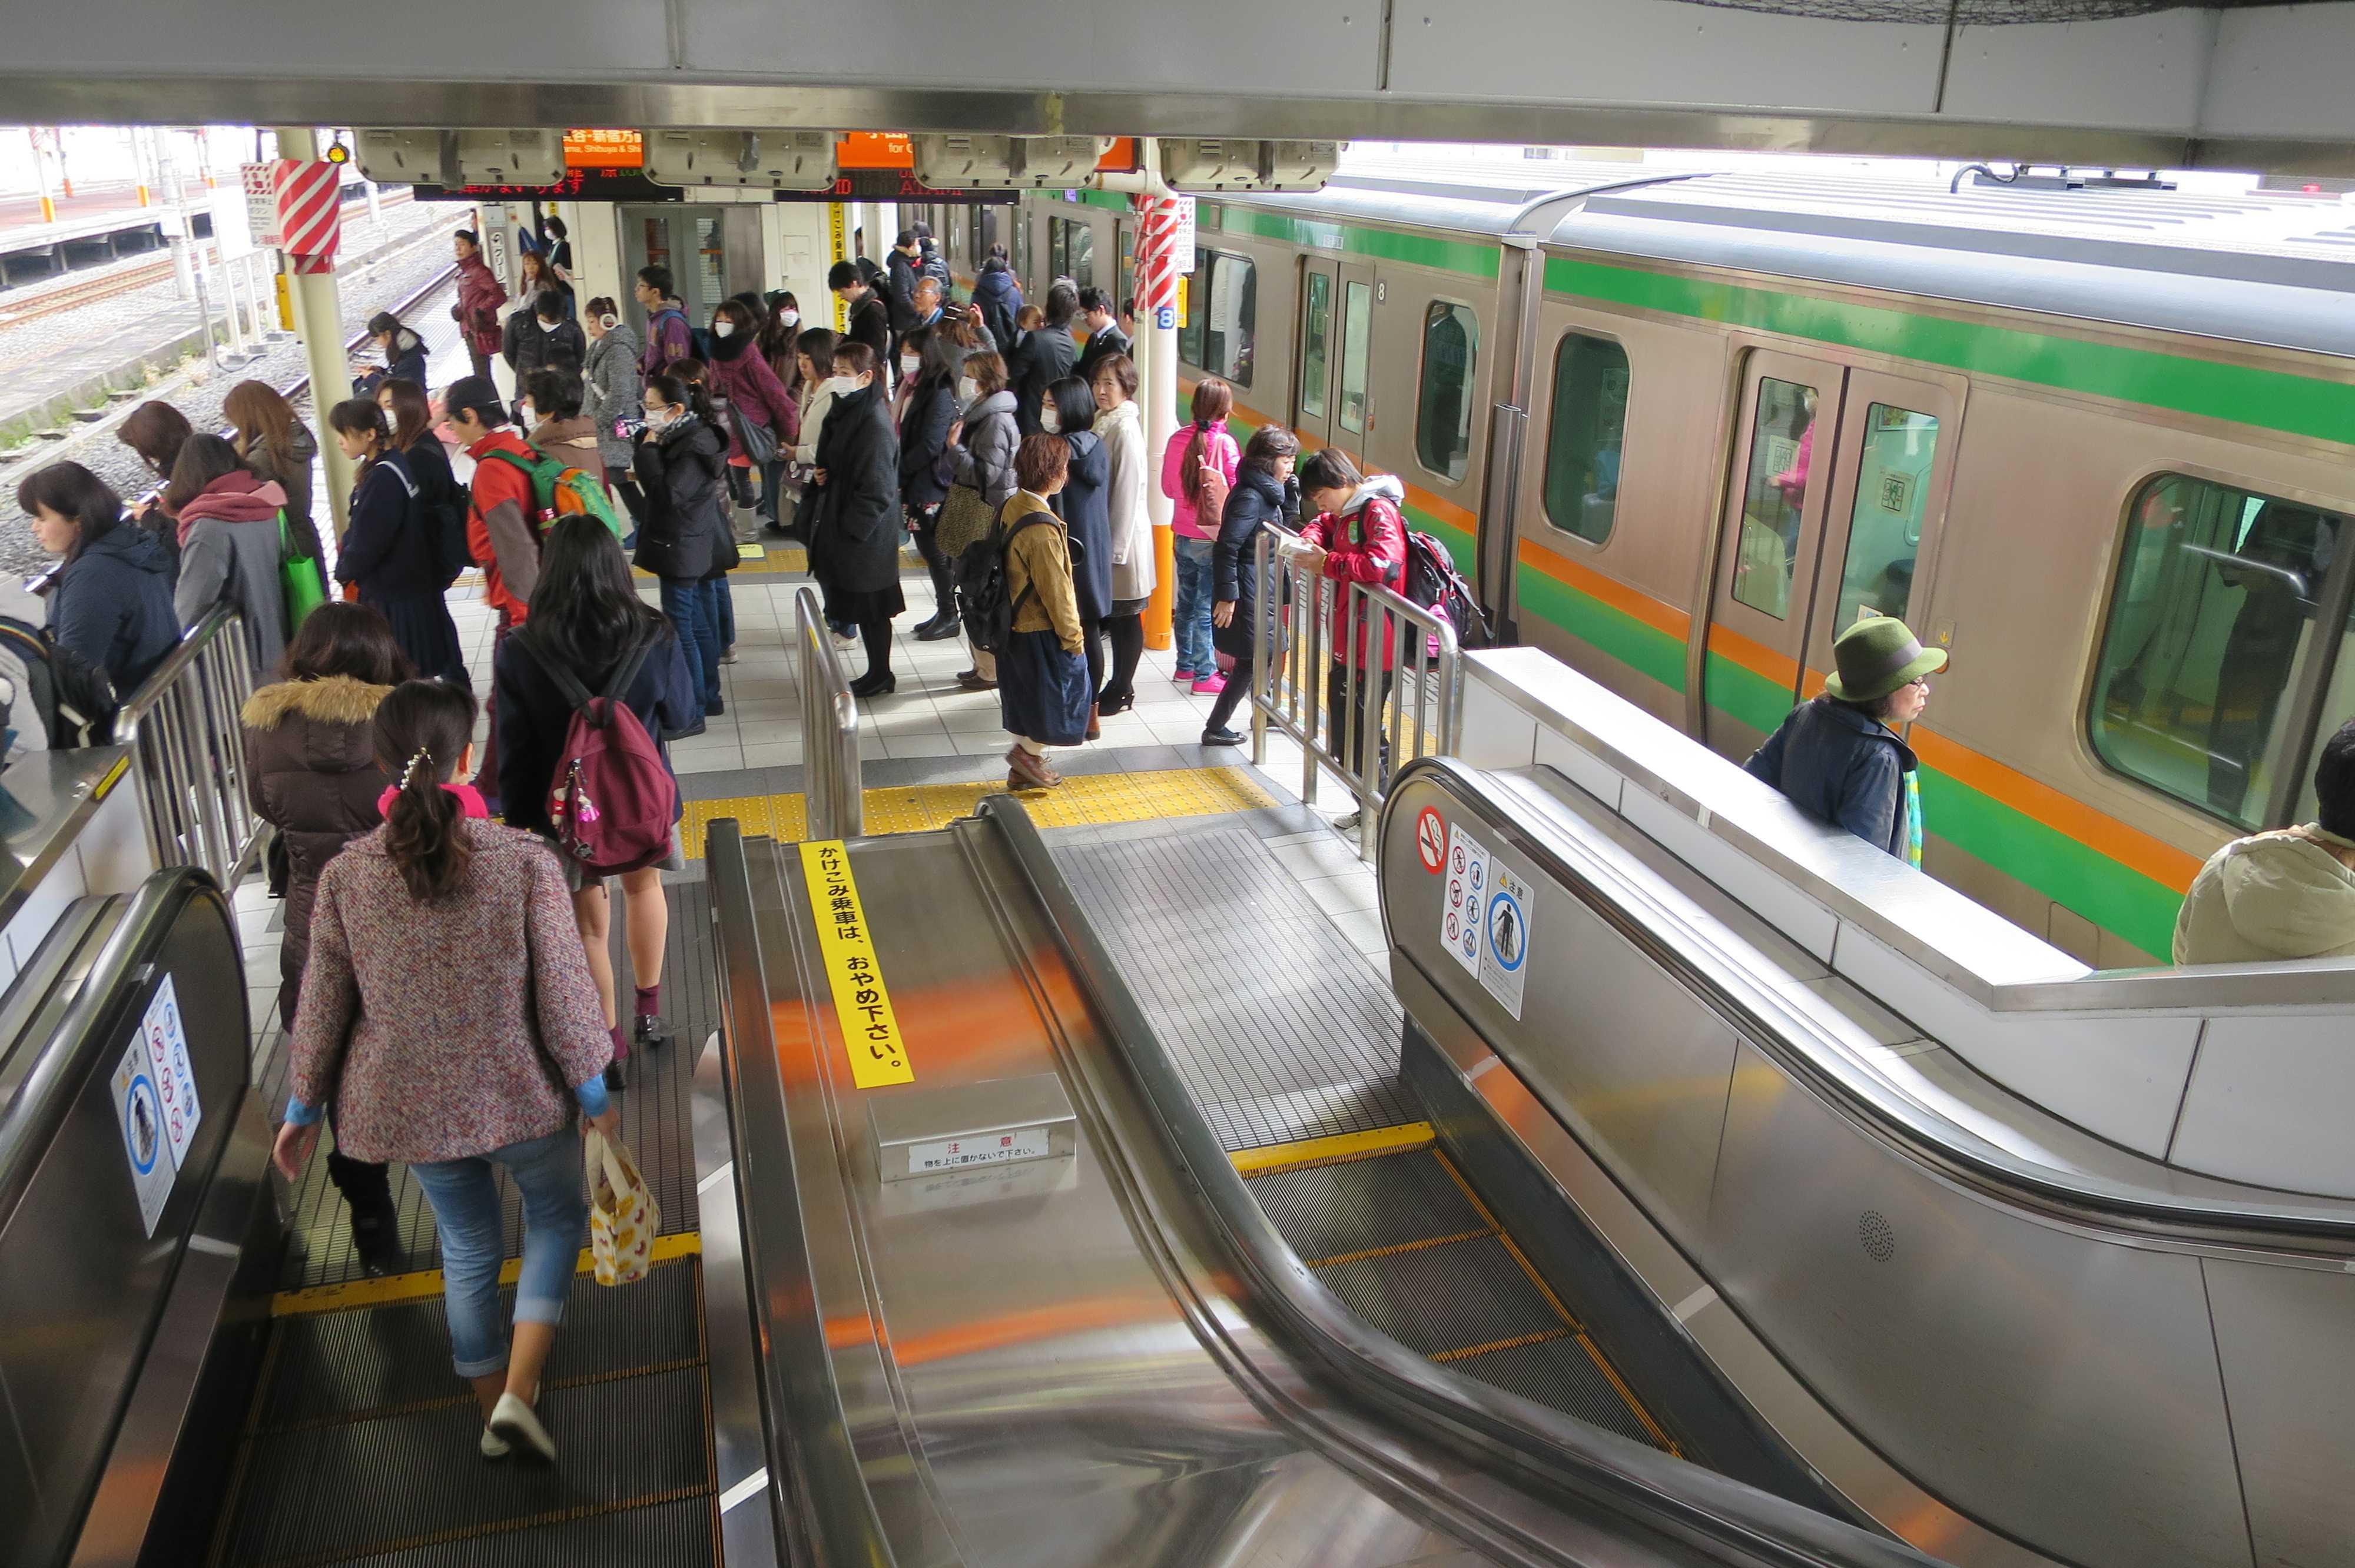 JR茅ヶ崎駅 東海道線のホーム